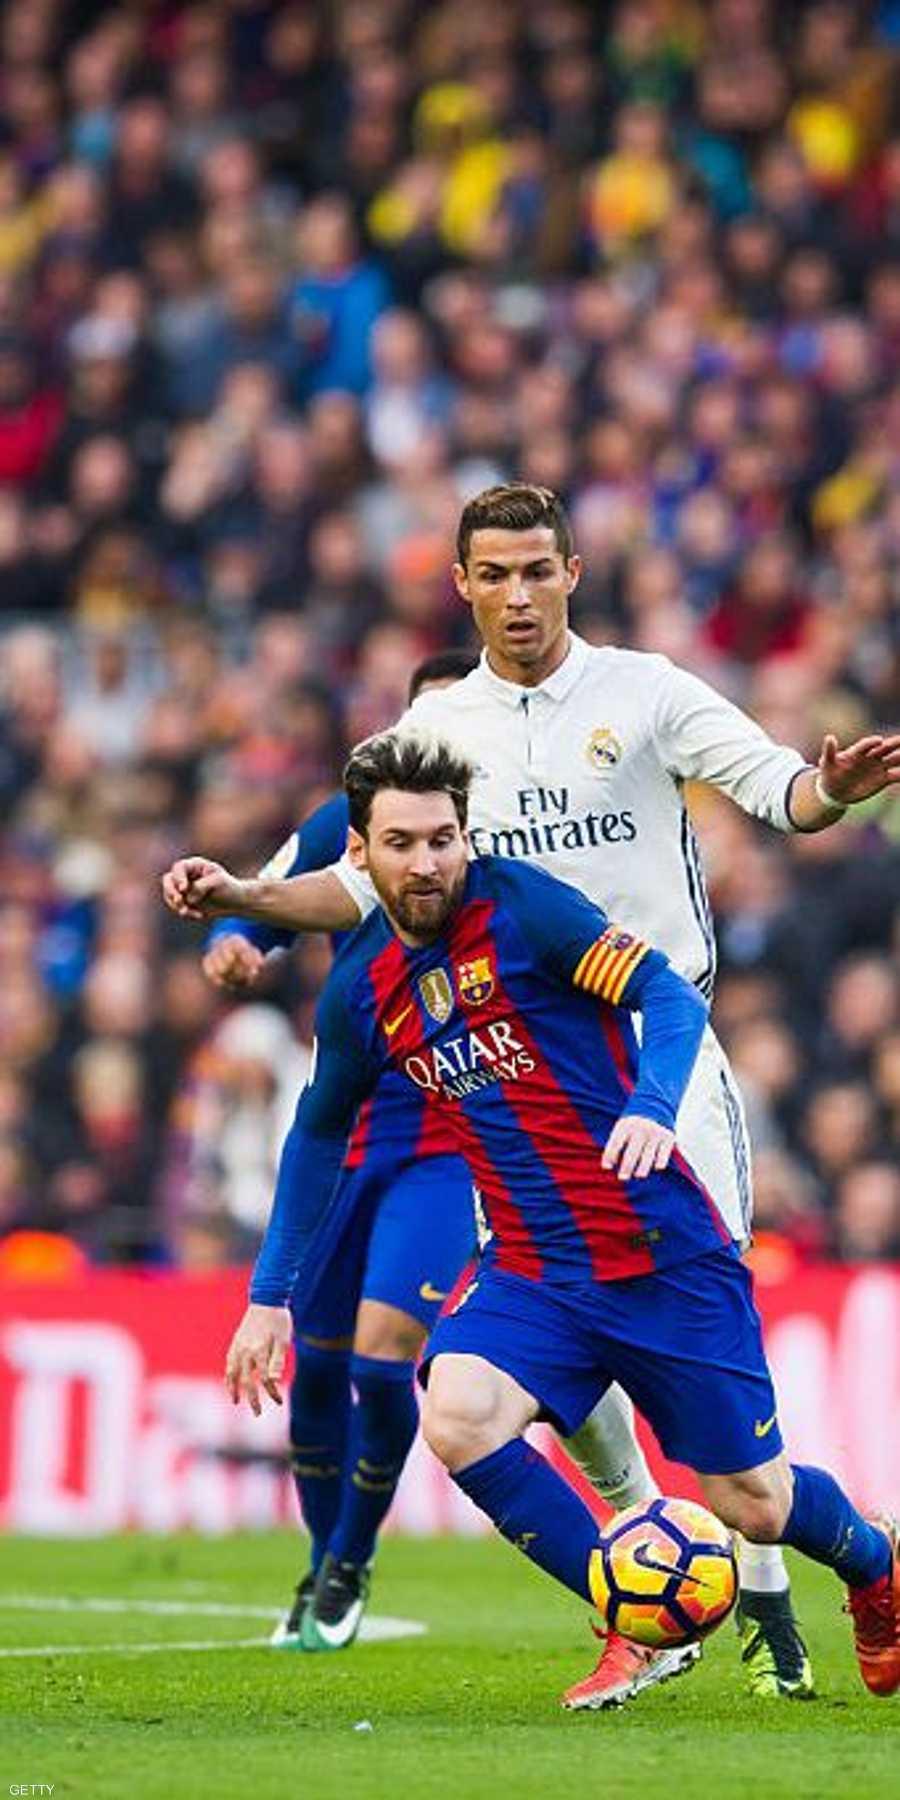 468977cac90a3 تاريخ الكلاسيكو بالأرقام.. الغلبة لريال مدريد